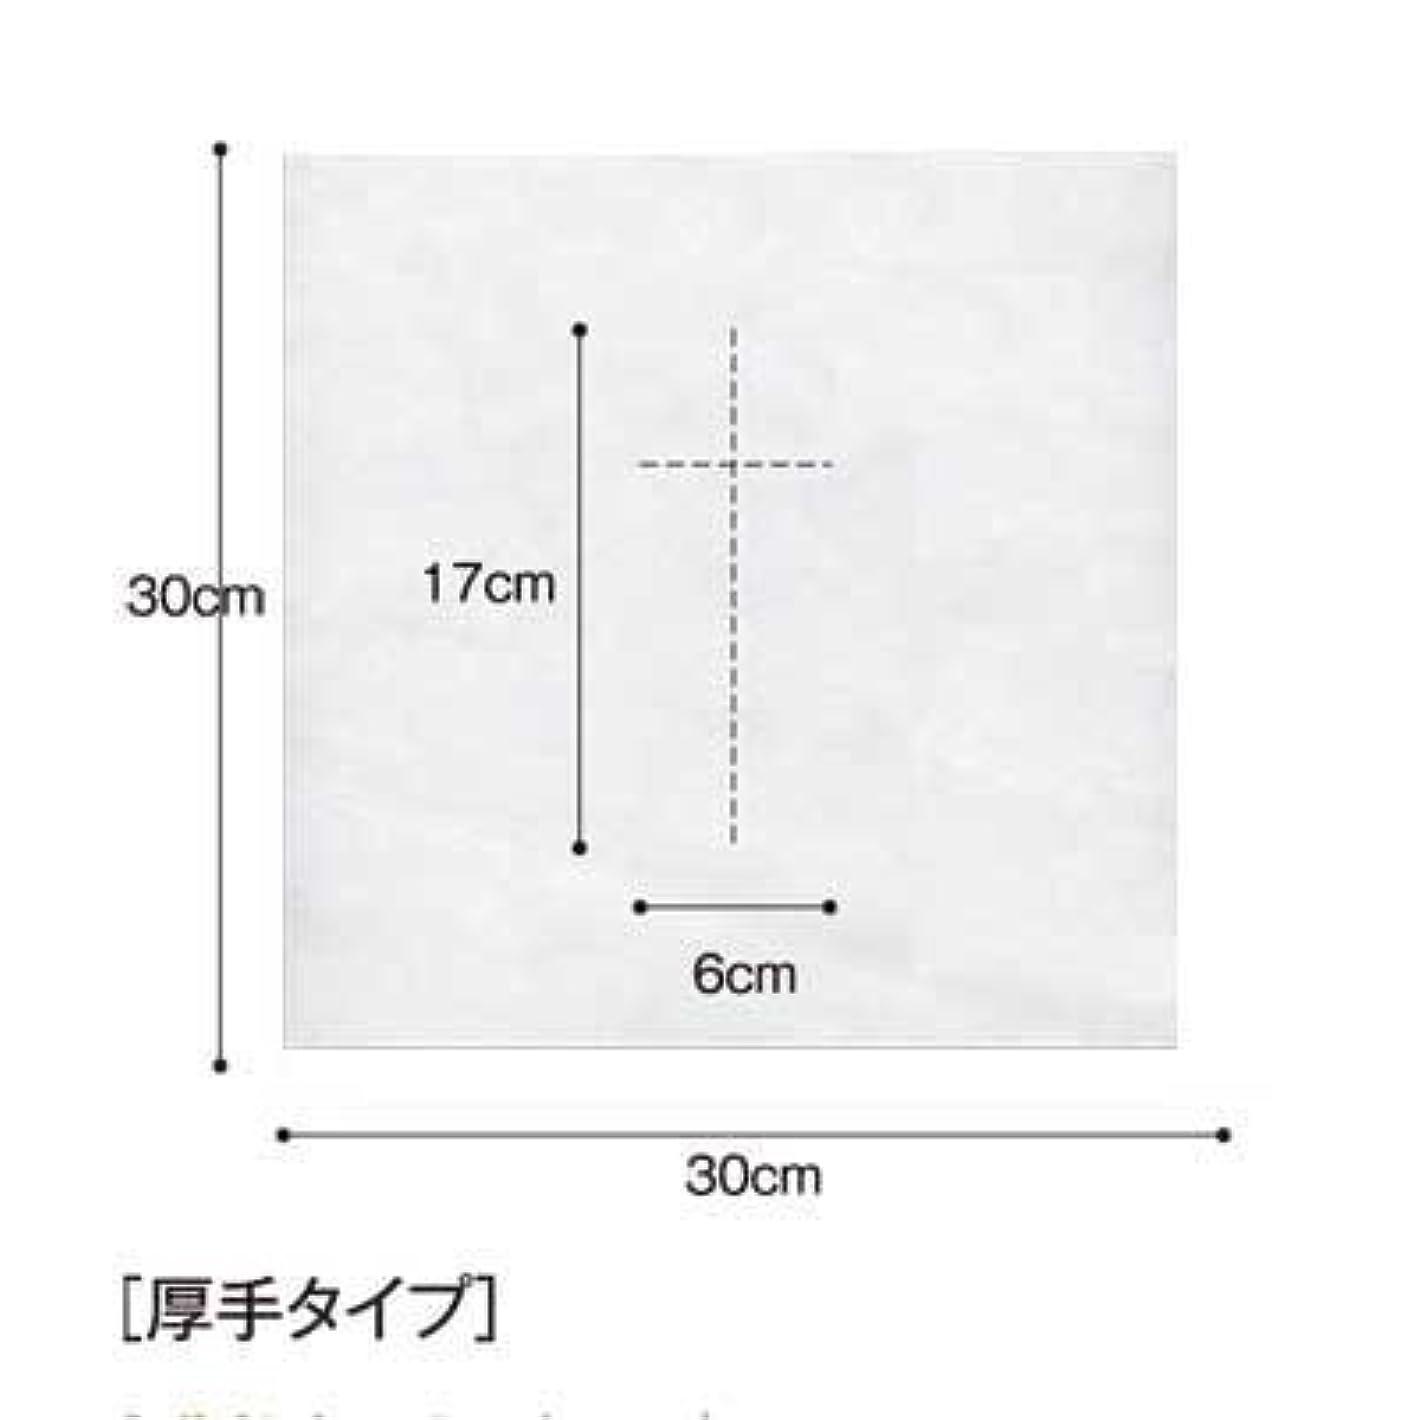 揃えるオリエンテーションますます(ロータス)LOTUS 日本製 ピロカバー DX 十字カット 100枚入 業務用 マッサージ 、エステ 厚みのあるタイプ